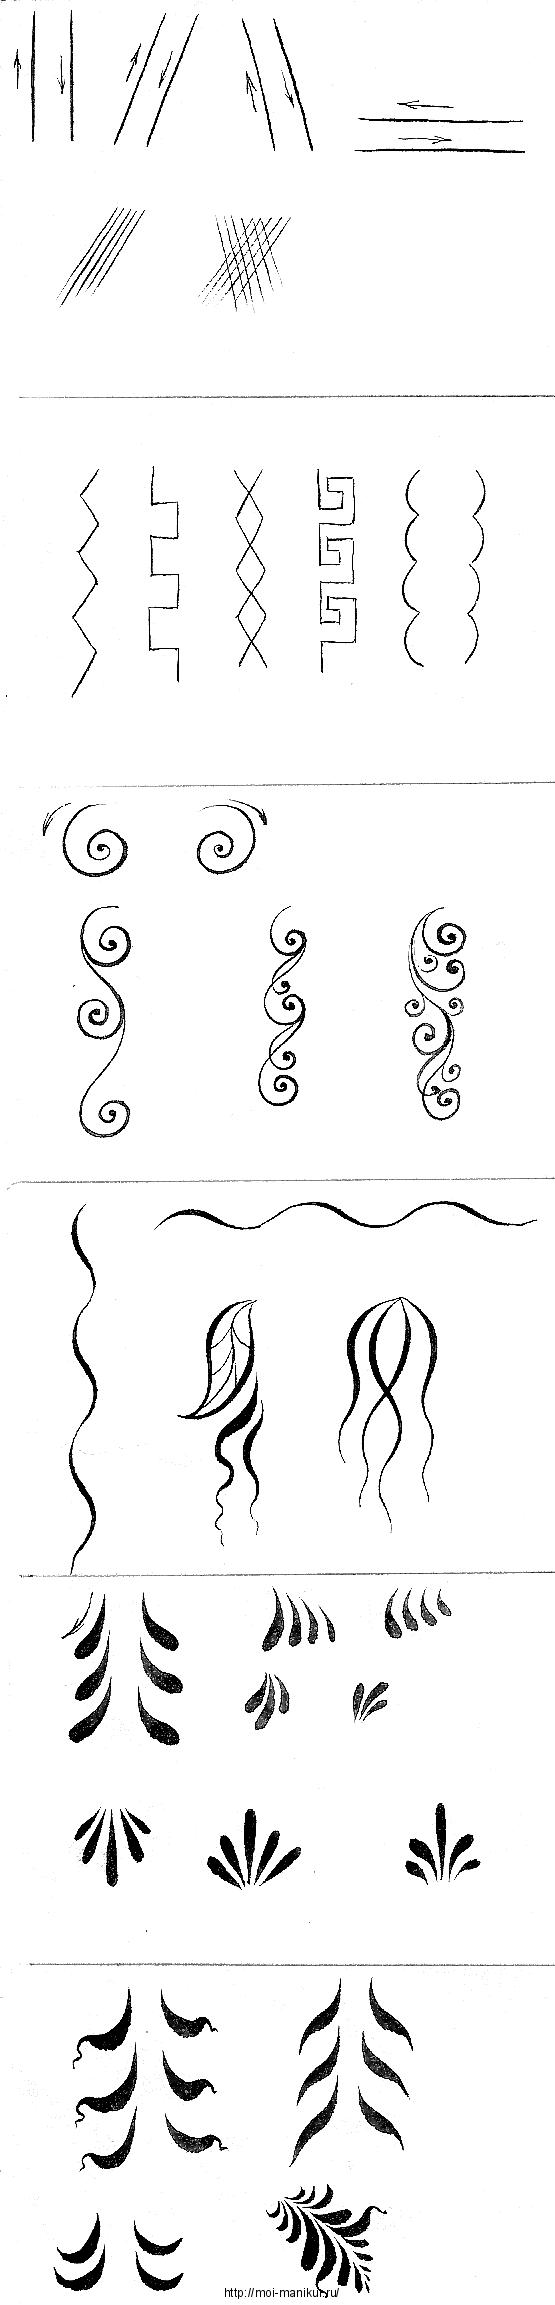 Тренировочная карта для росписи ногтей: несколько простых элементов.